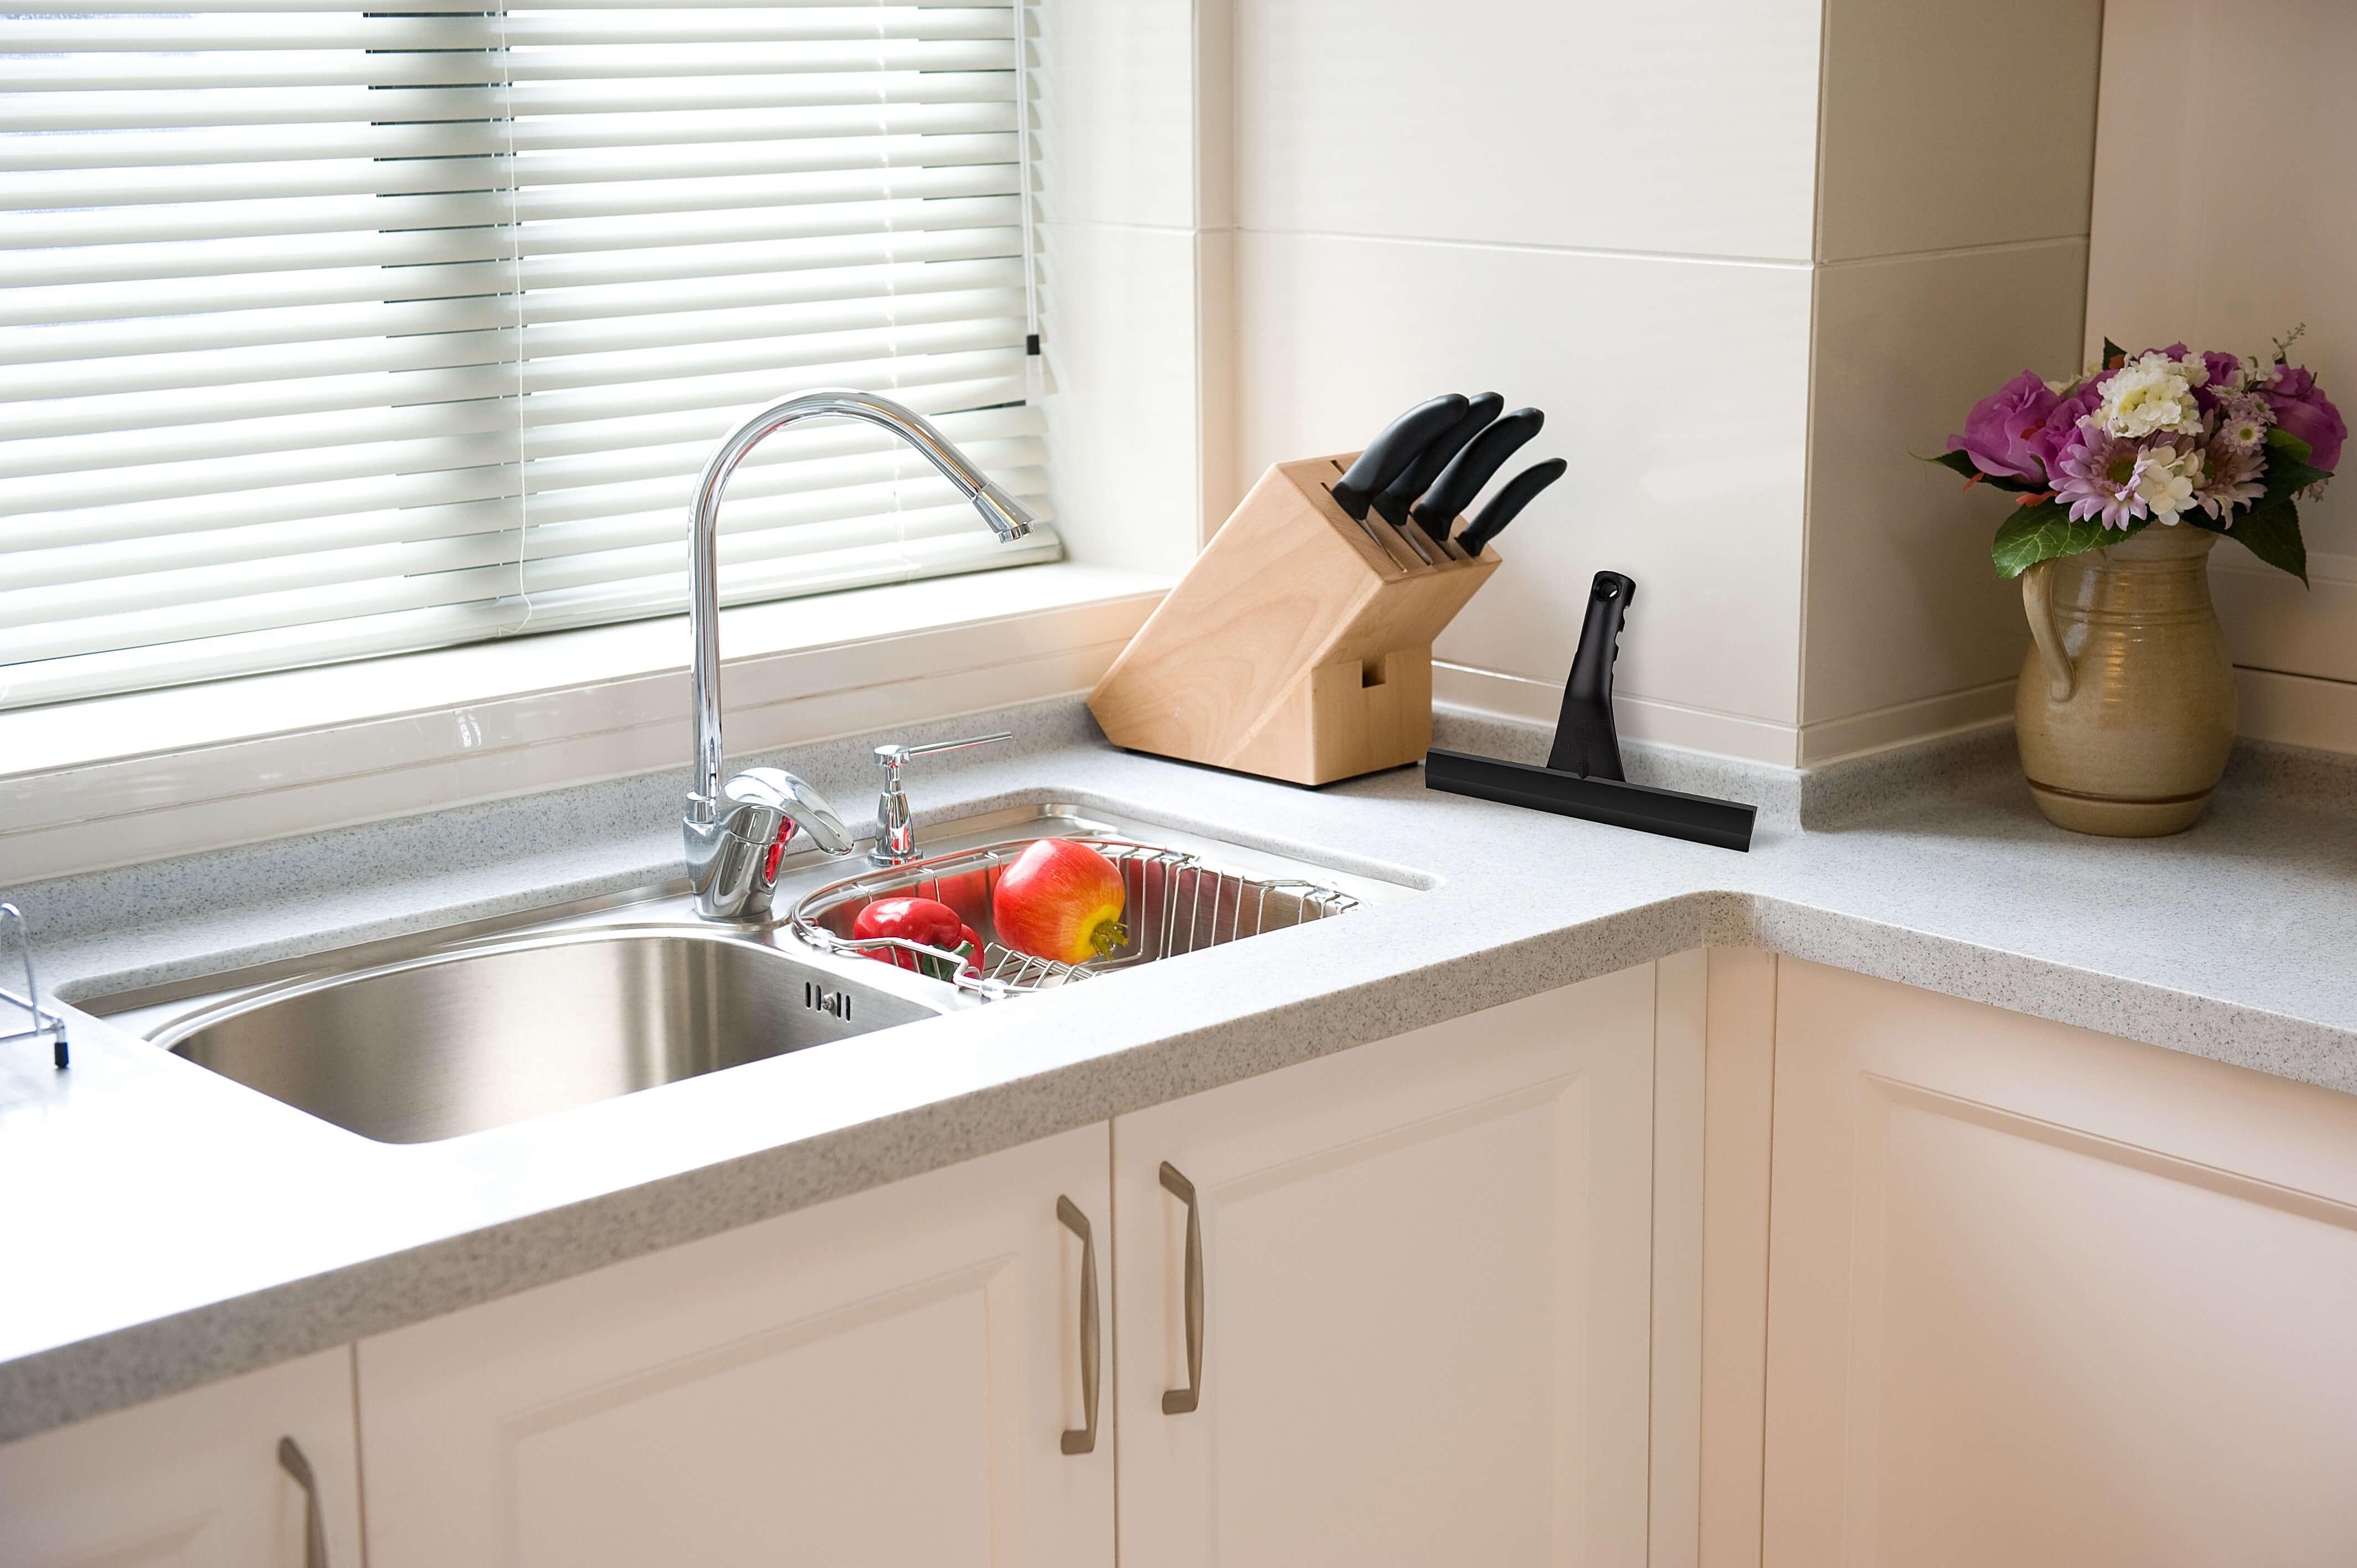 Tipos de fregaderos para la cocina - Cocimobel